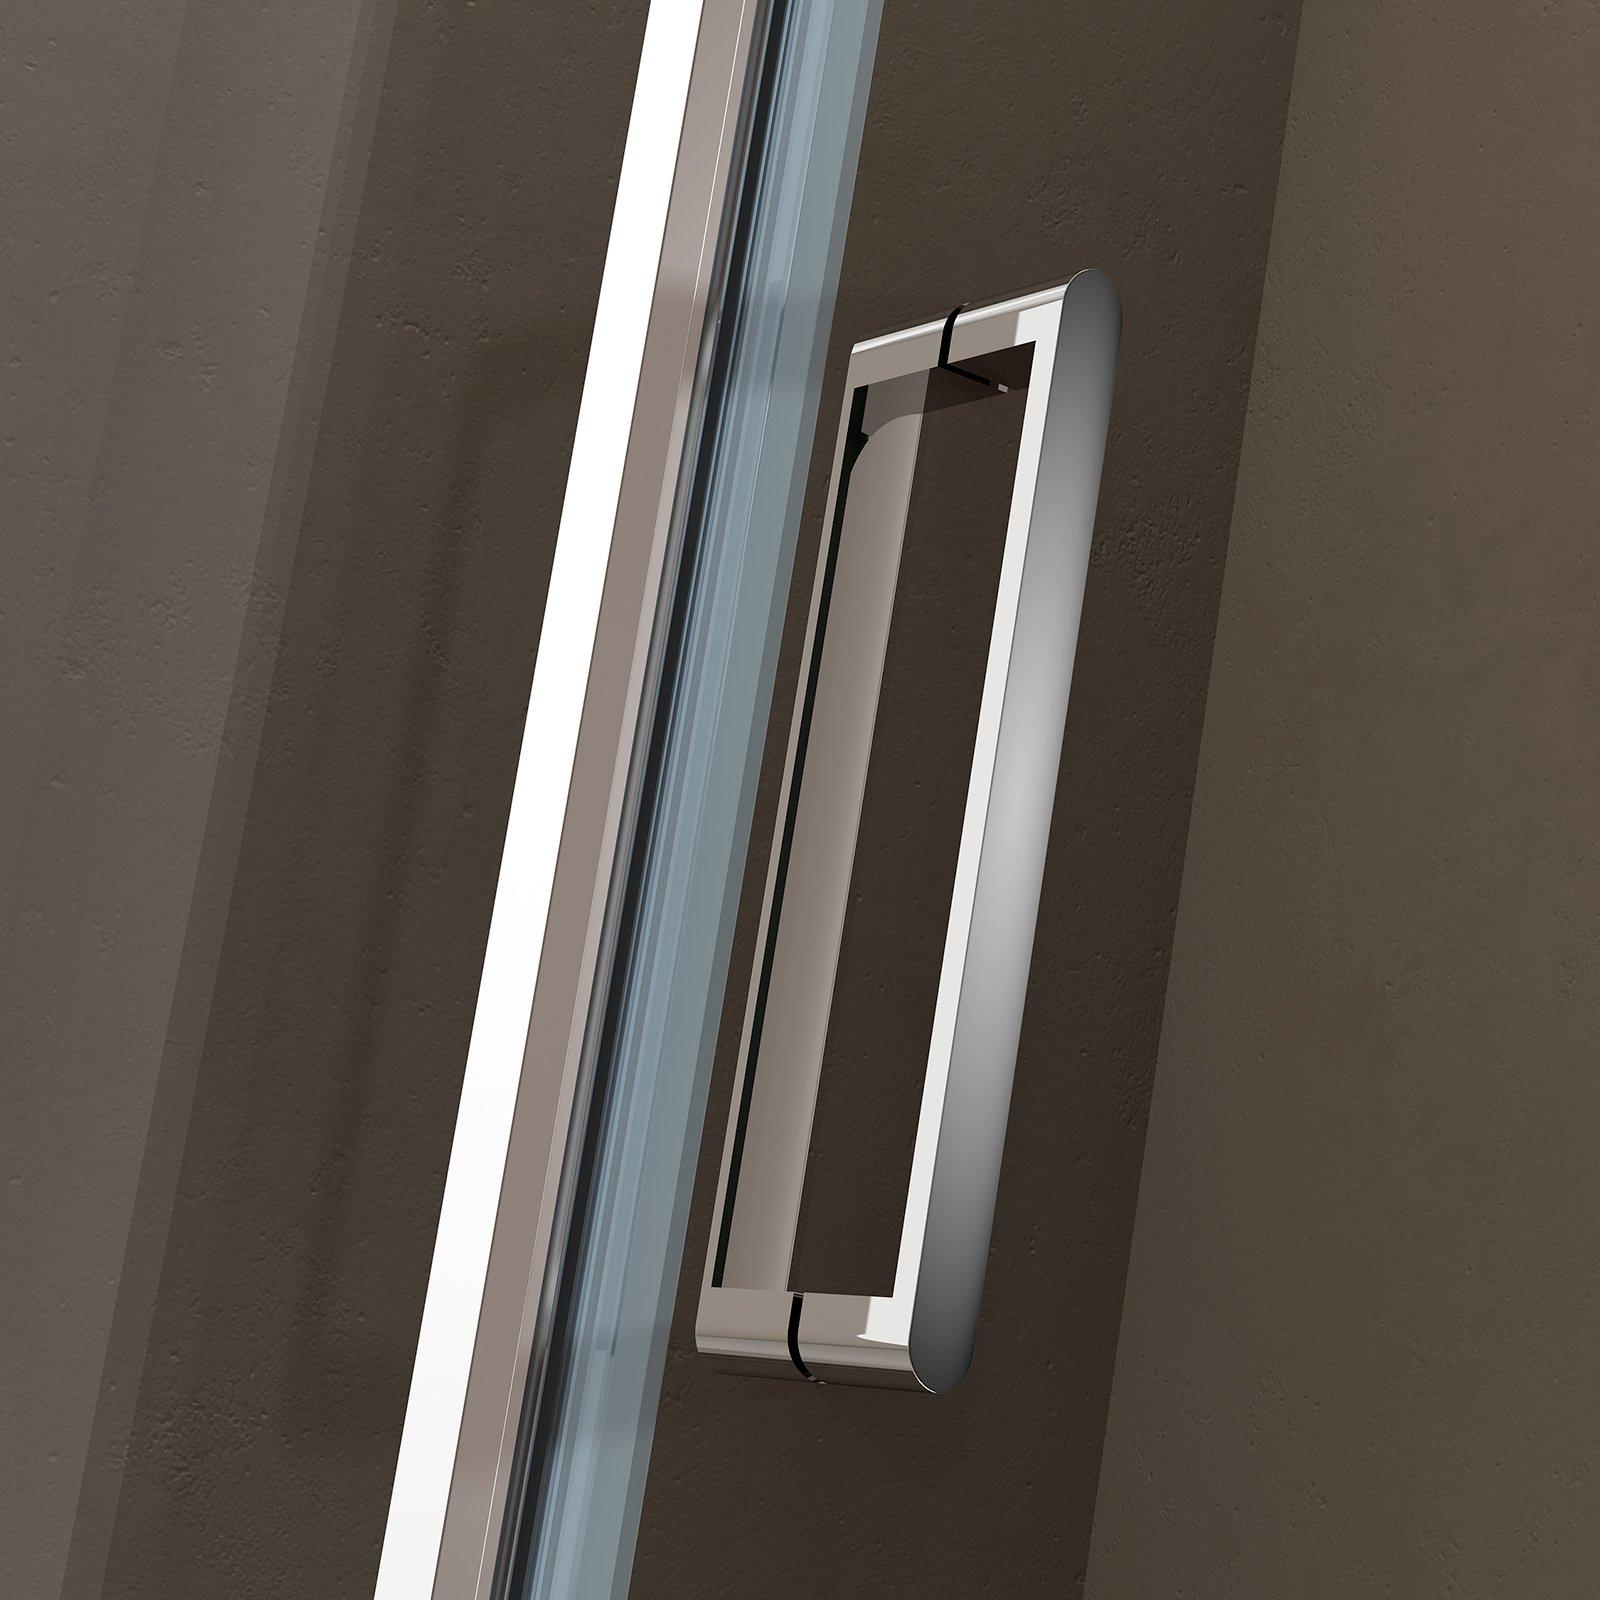 Duschkabine Eckdusche Nano 8mm Echtglas NT416 - Profilfarbe & Breite wählbar zoom thumbnail 5